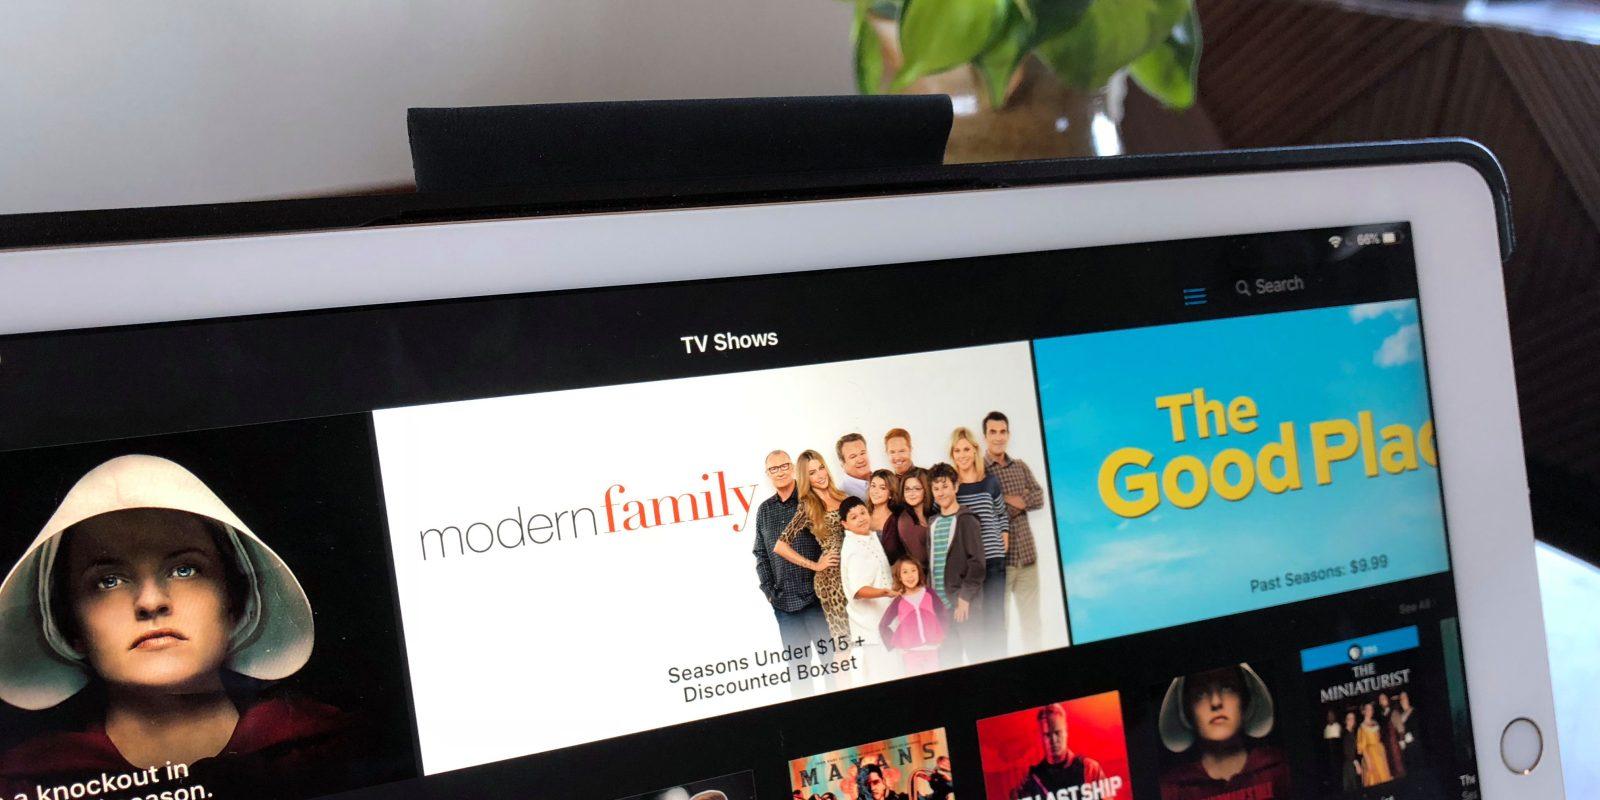 MacAlert - This week's best iTunes deals: TV seasons from $5, Oceans